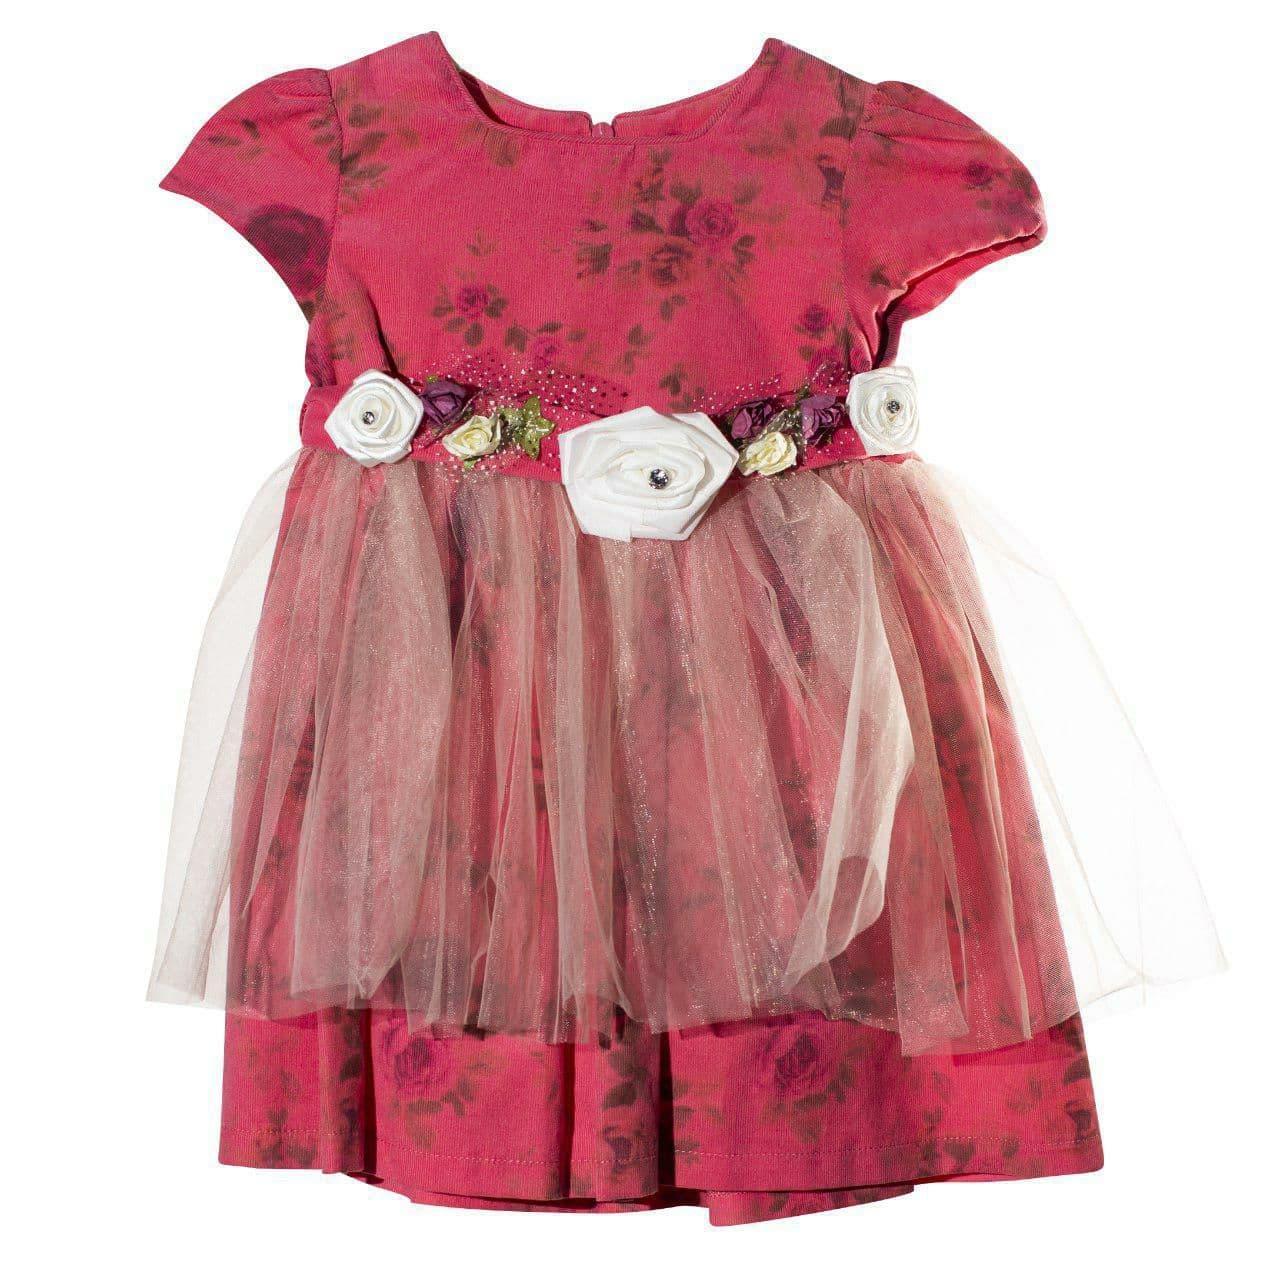 Нарядне плаття для дівчинки, 9, 12, 24 місяці